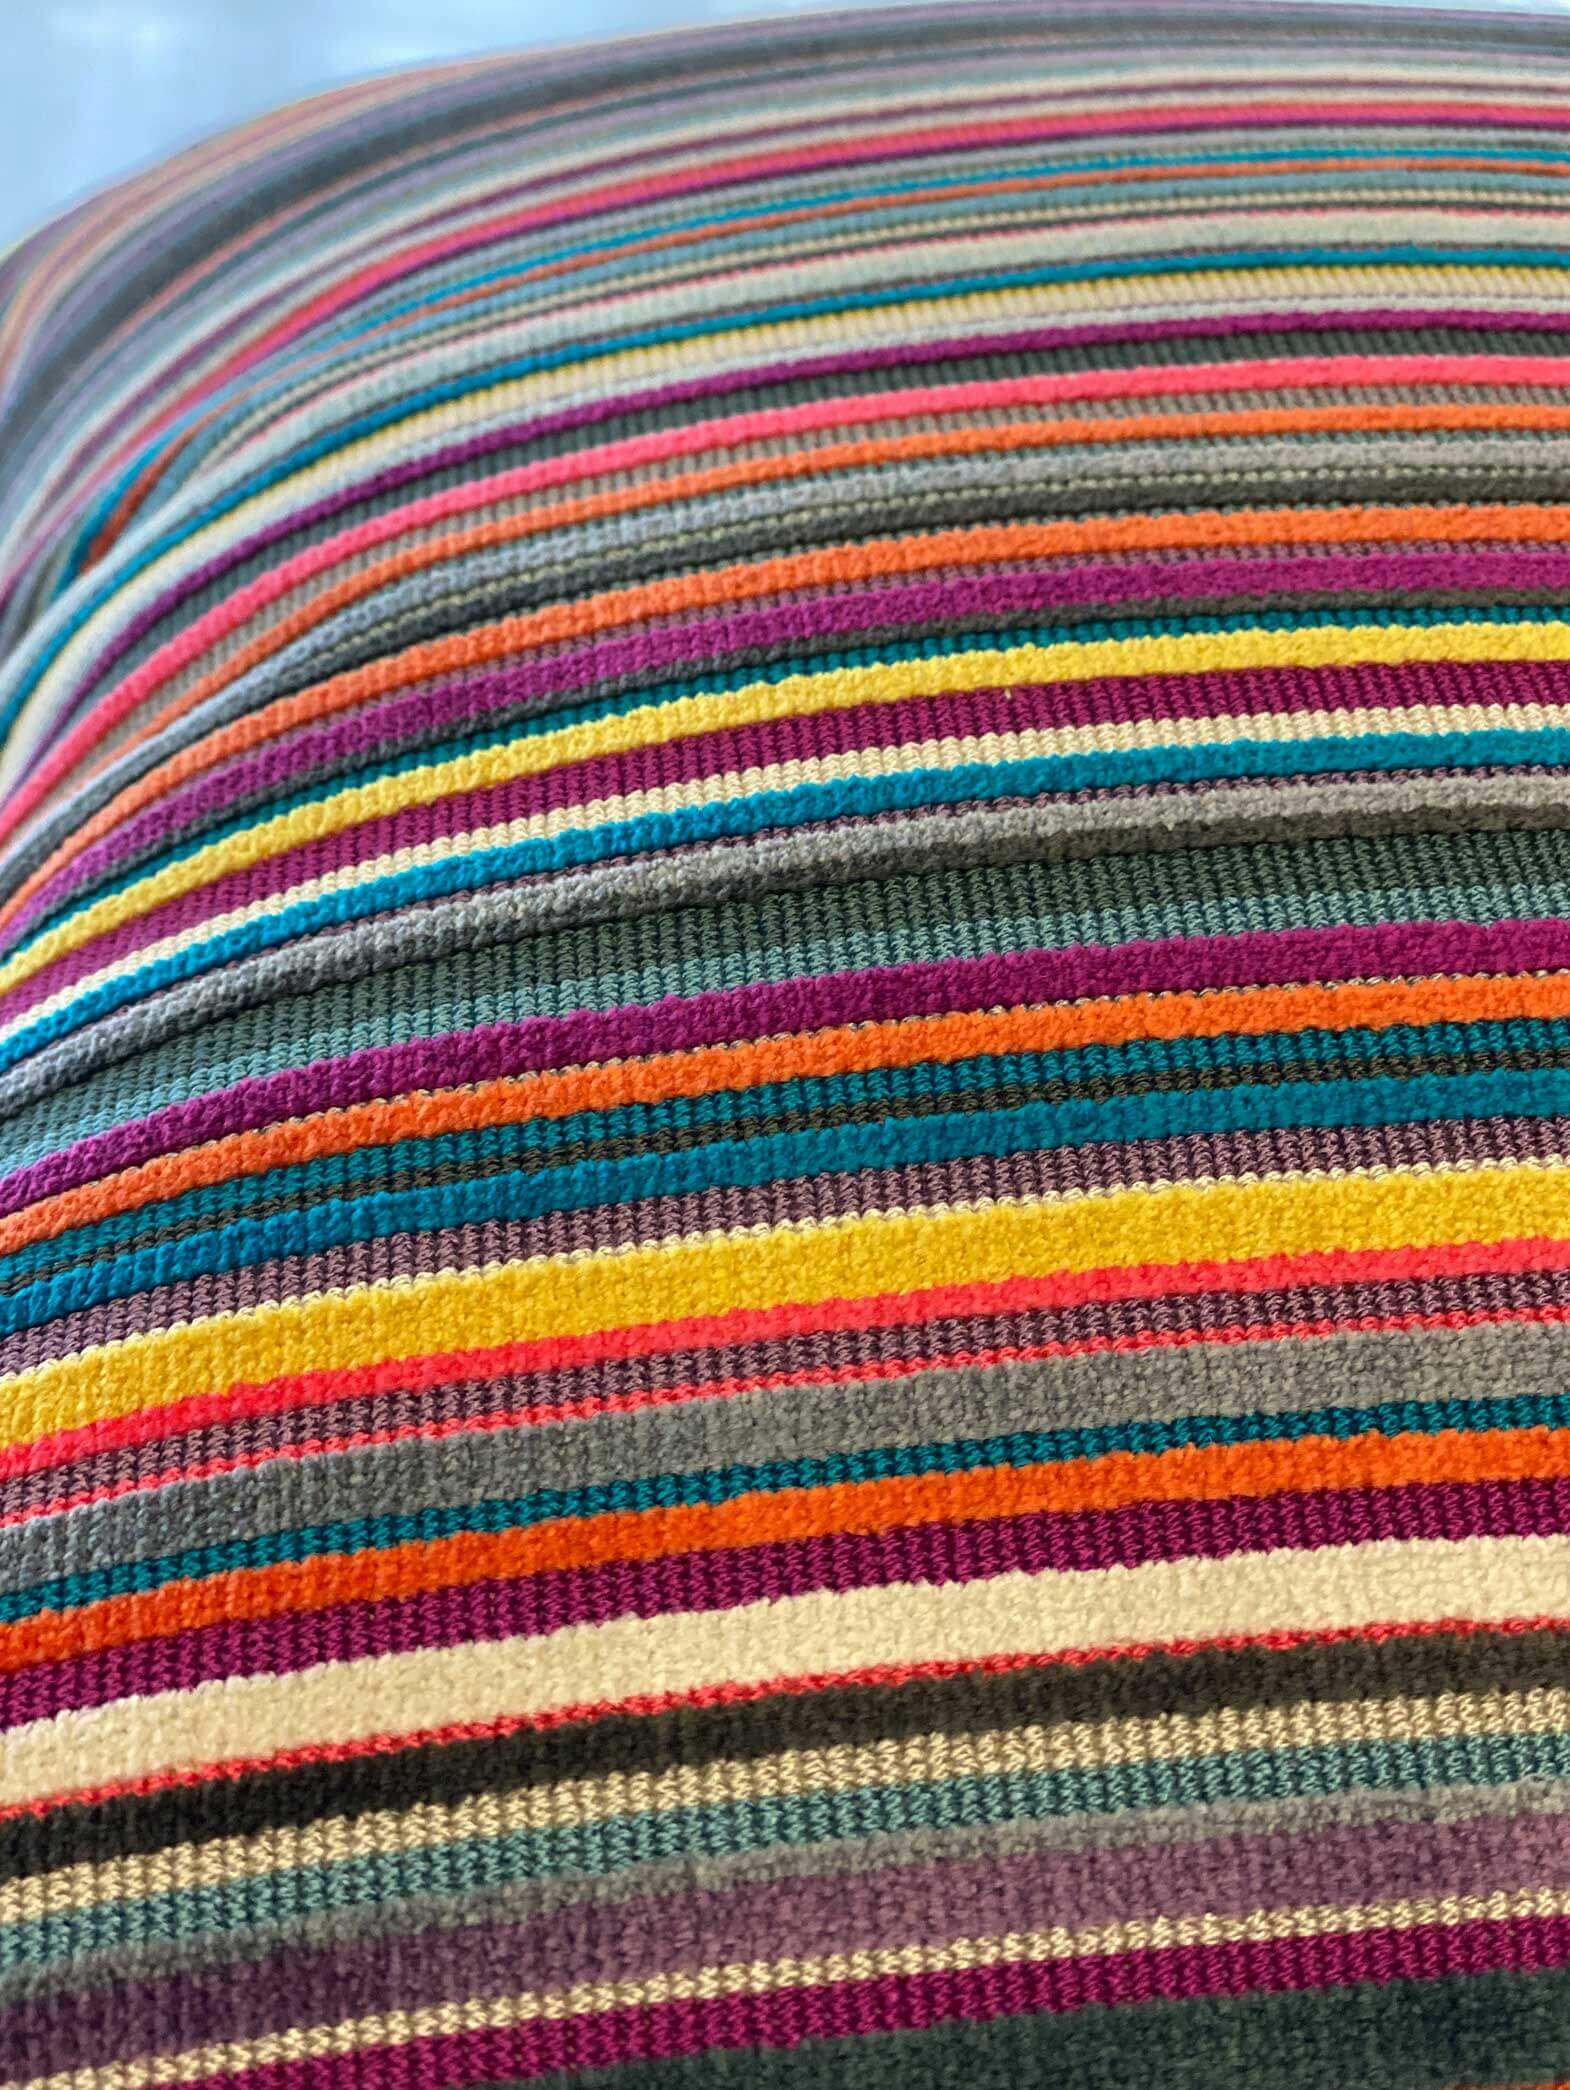 14-multi-colored-pillows3